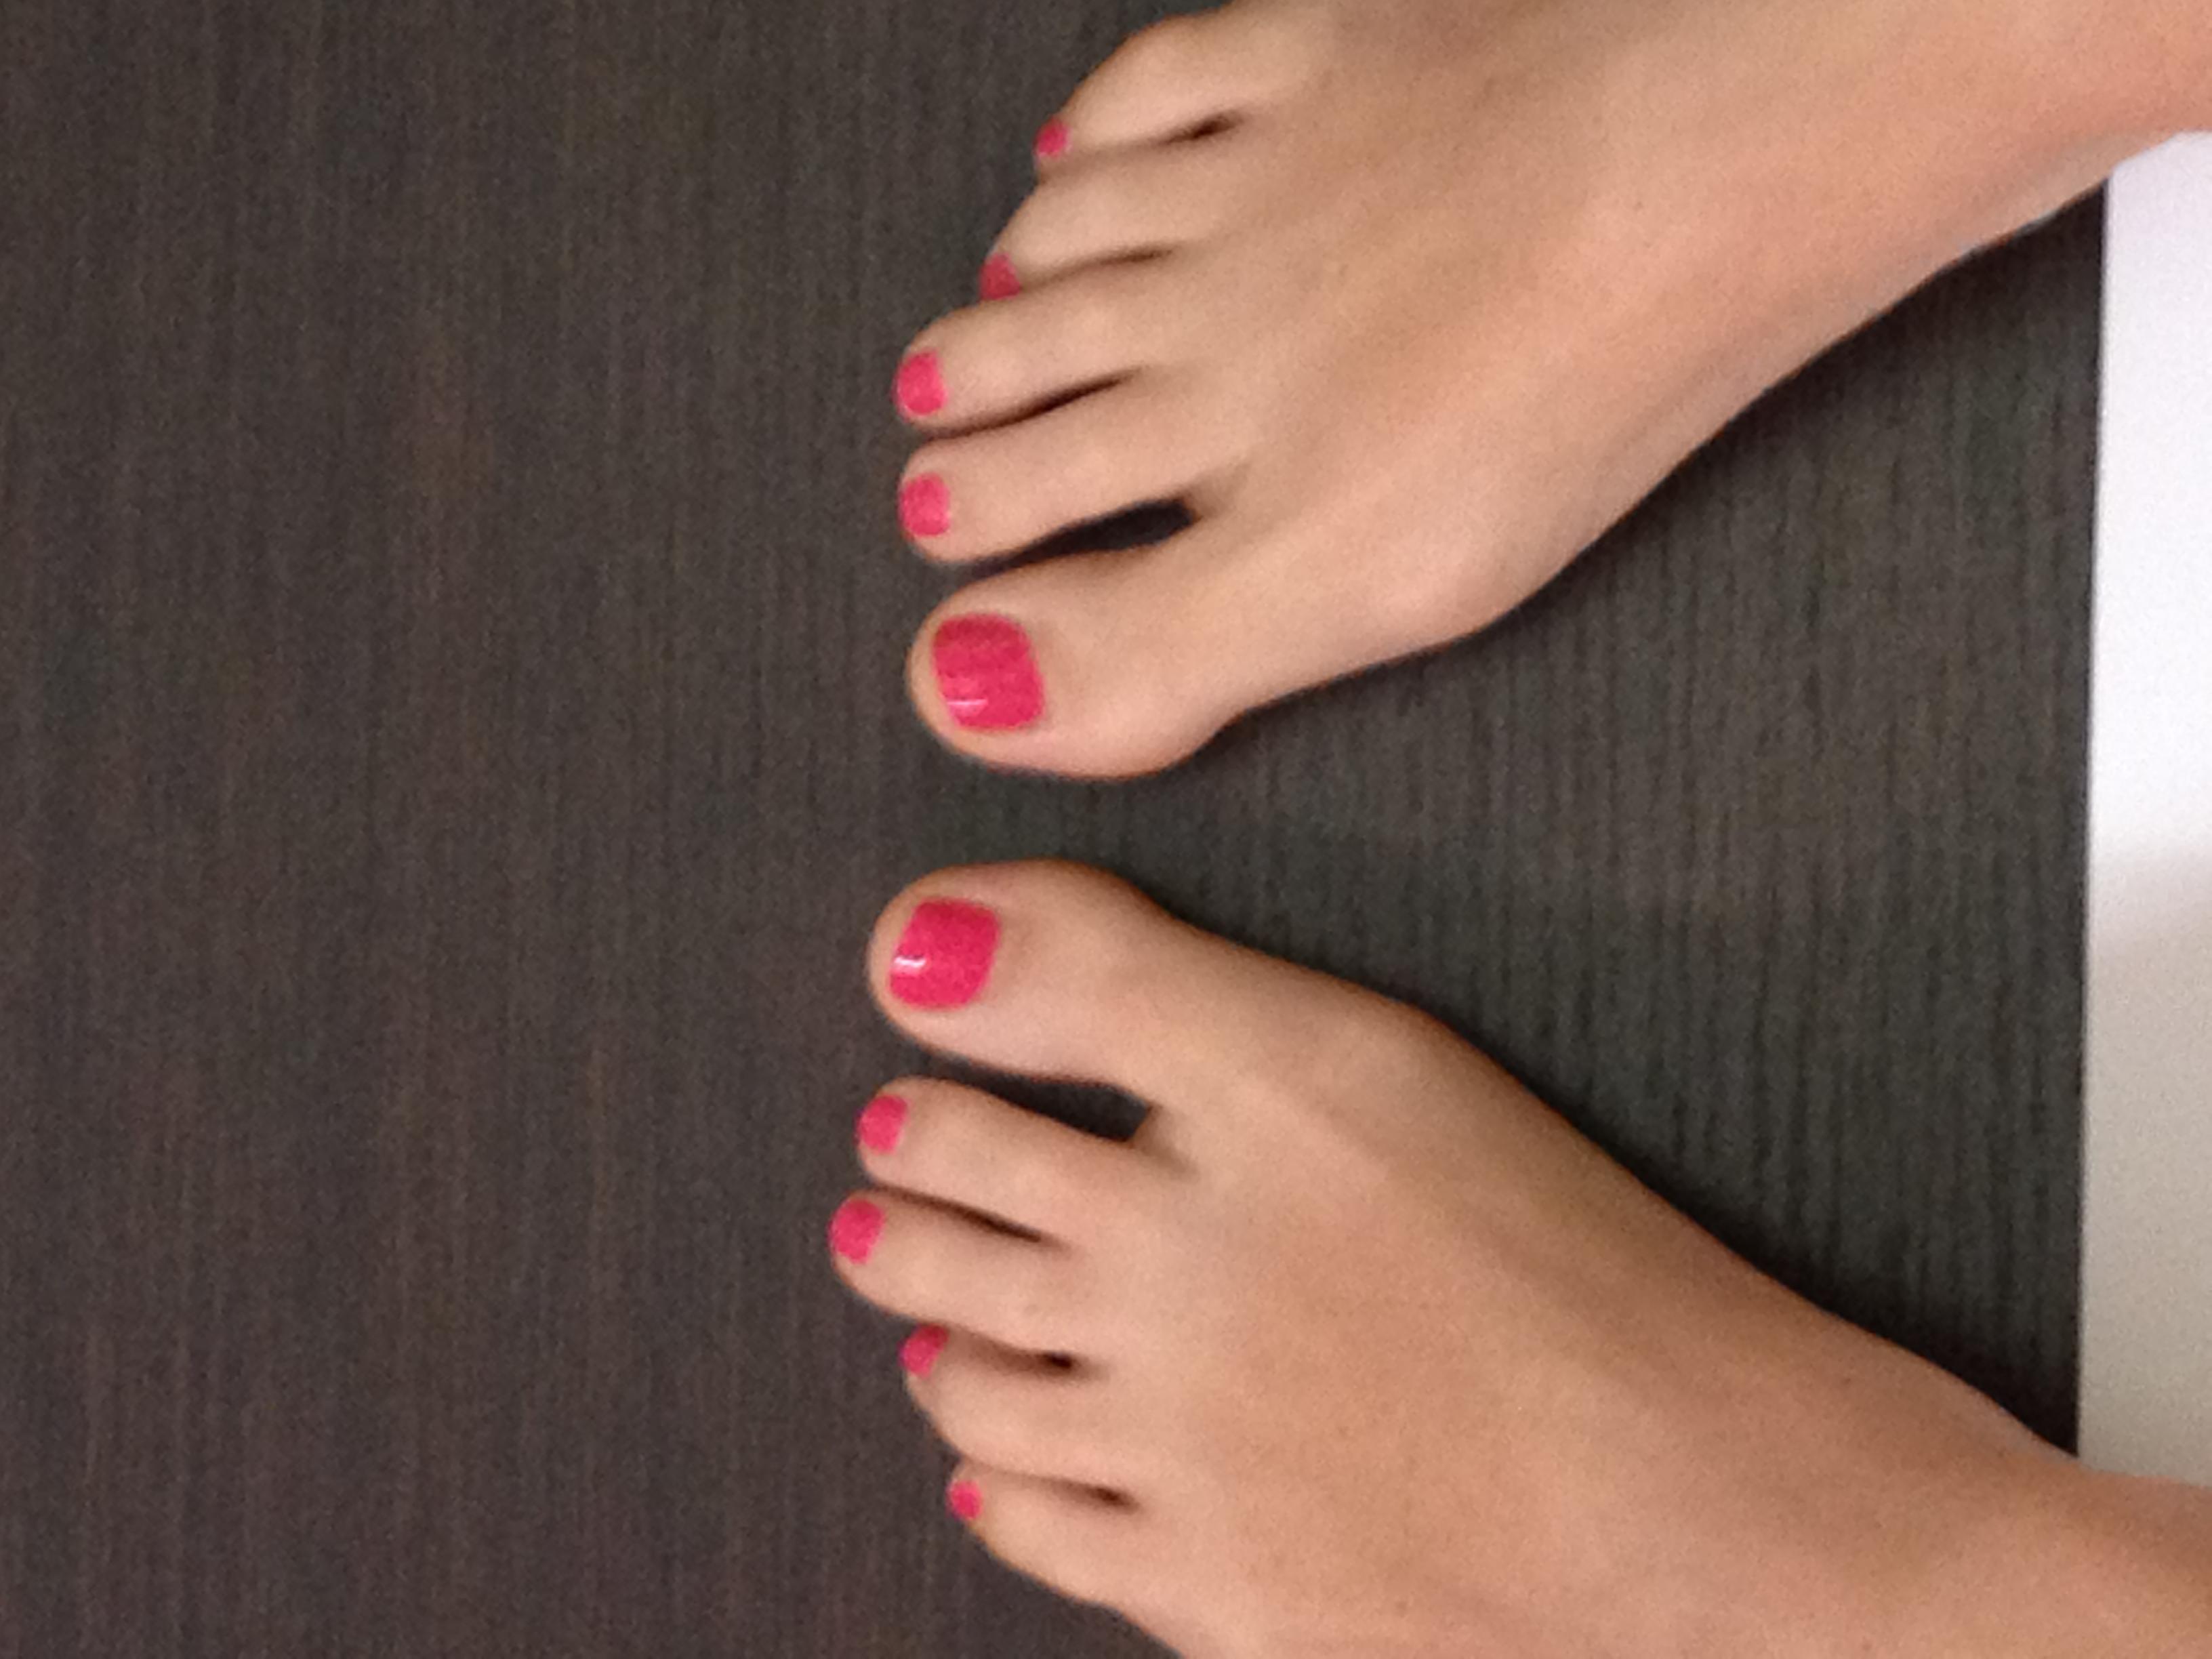 bellissimo anche sulle unghie dei piedi